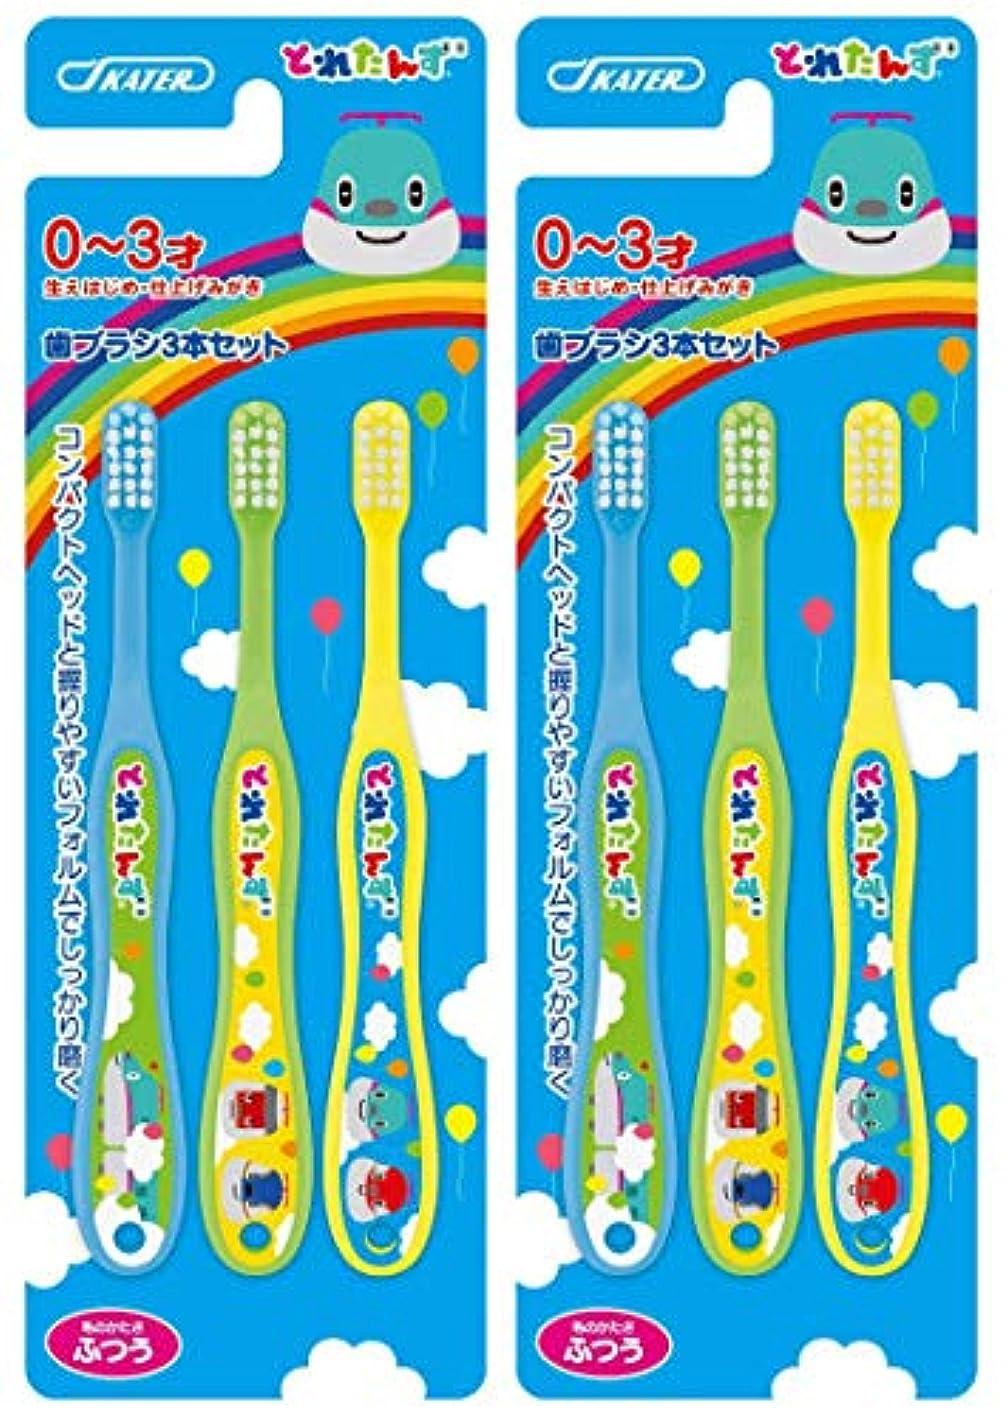 識字パーツ次スケーター 歯ブラシ 幼児期用 0-3才 普通 6本セット (3本セット×2個) とれたんず 15cm TB4T